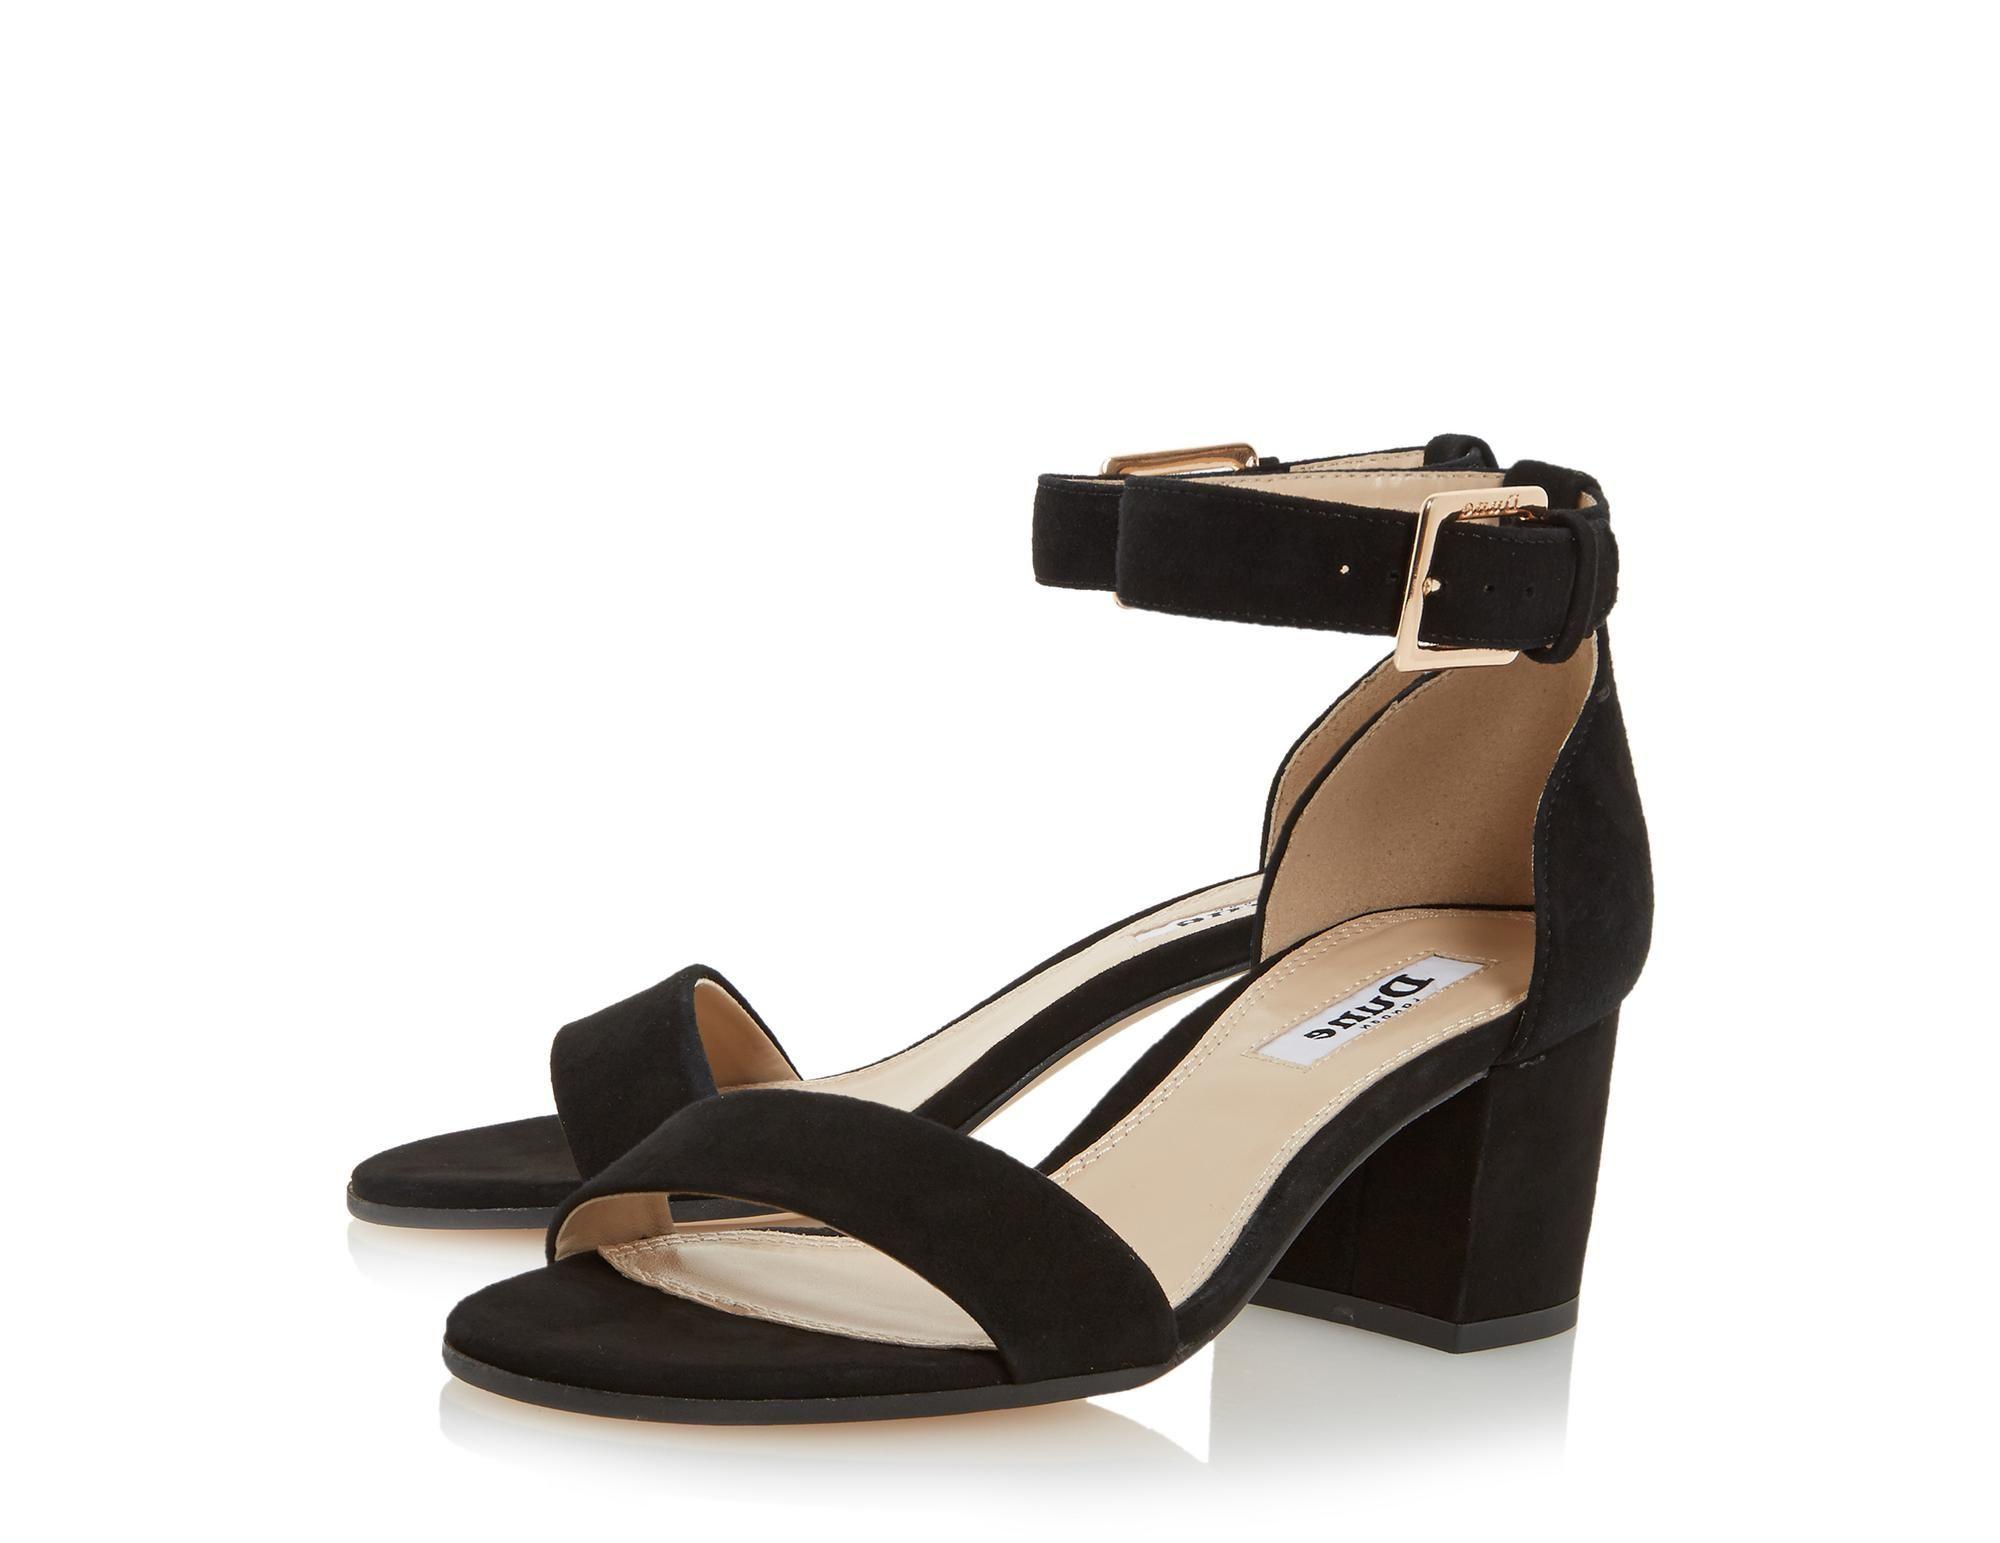 0818b82b0fe9 DUNE LADIES JAYGO - Two Part Block Heel Sandal - black